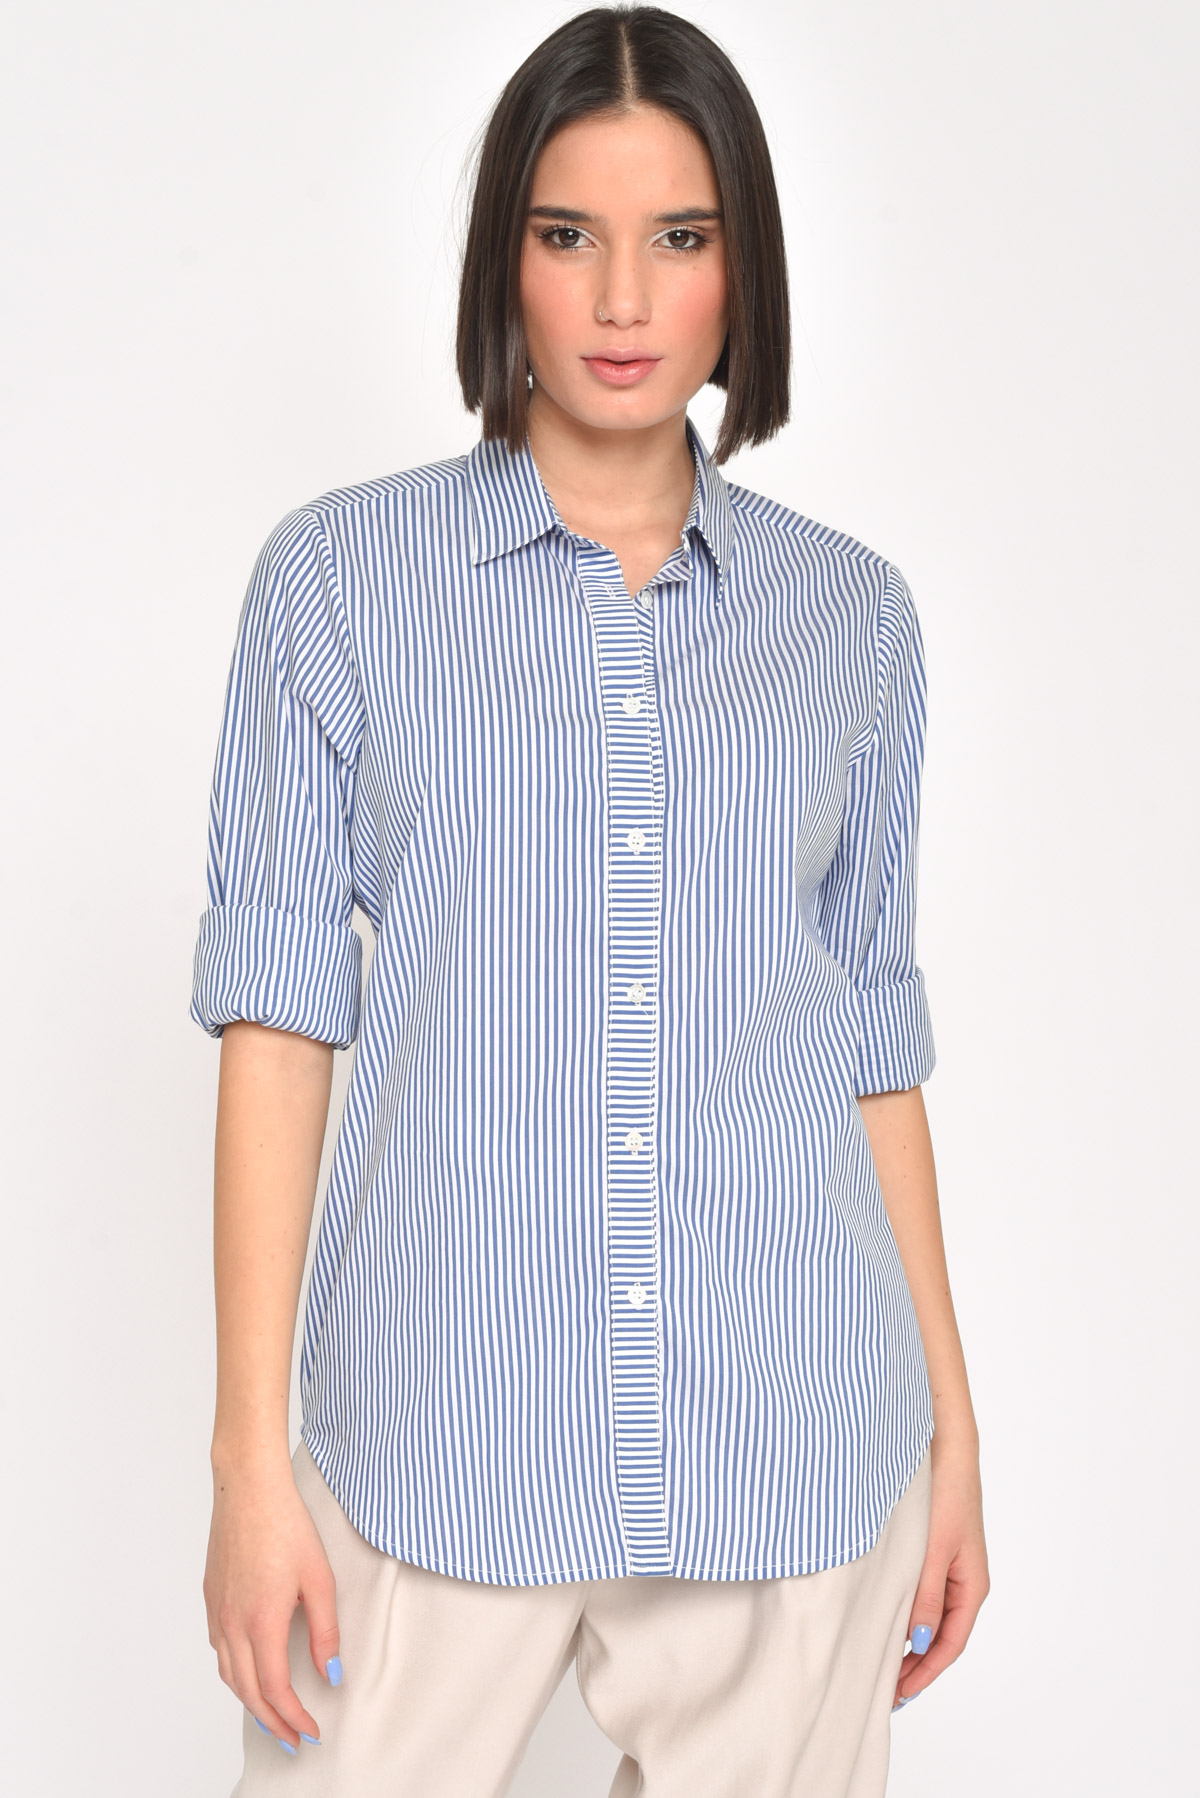 CAMICIA A RIGHE CON MANICHE ARROTOLATE  for women - LIGHT BLUE - Paquito Pronto Moda Shop Online